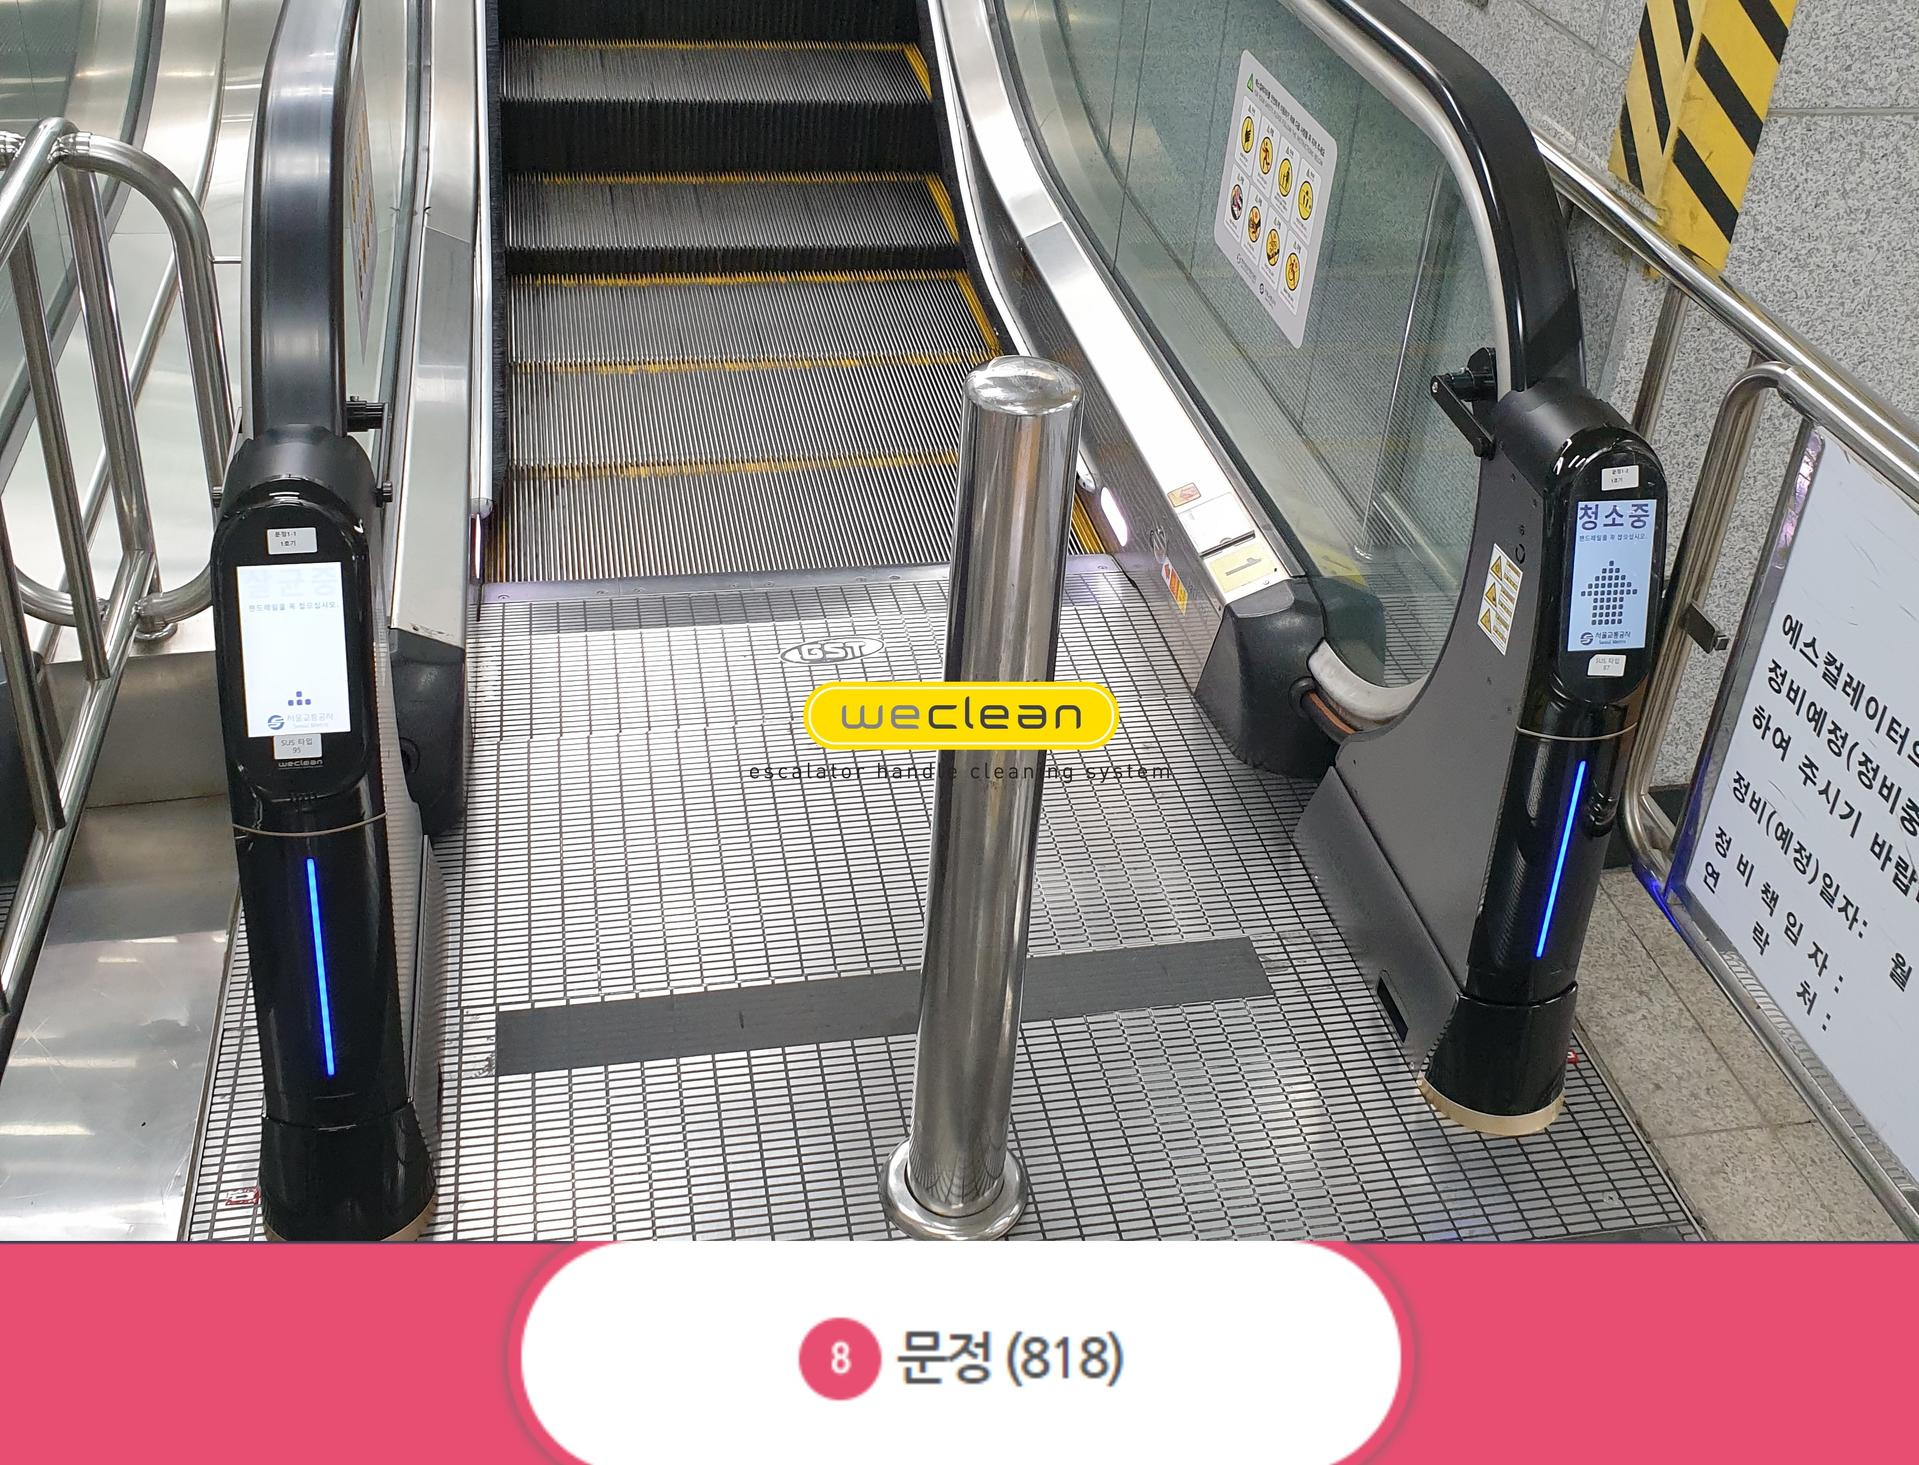 위클린(WECLEAN), 서울교통공사 8호선 문정역 설치